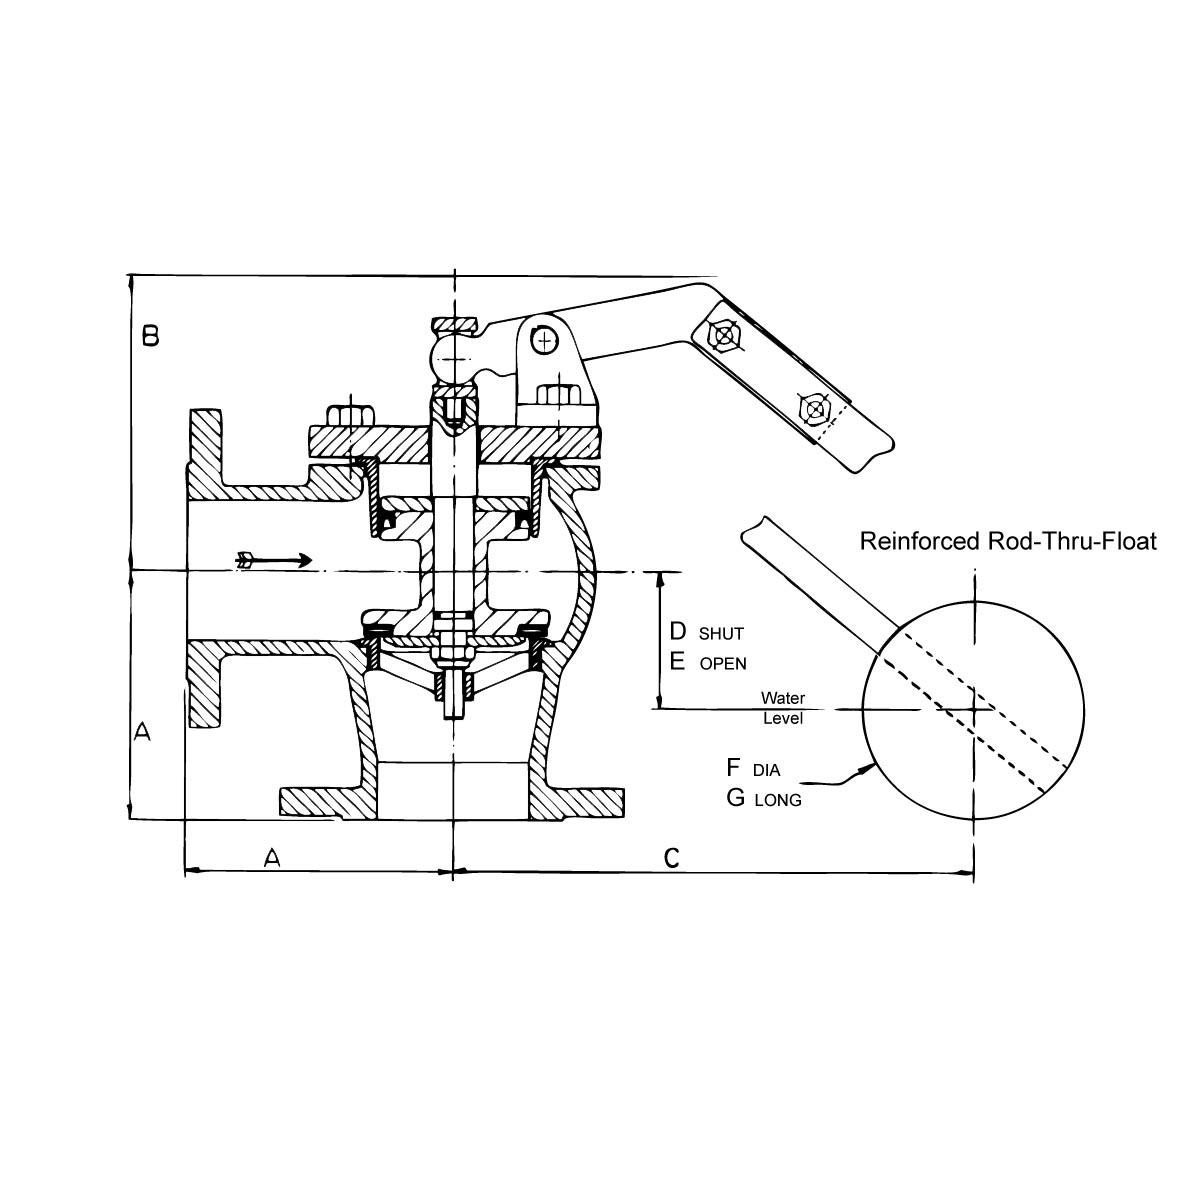 501-blueprint